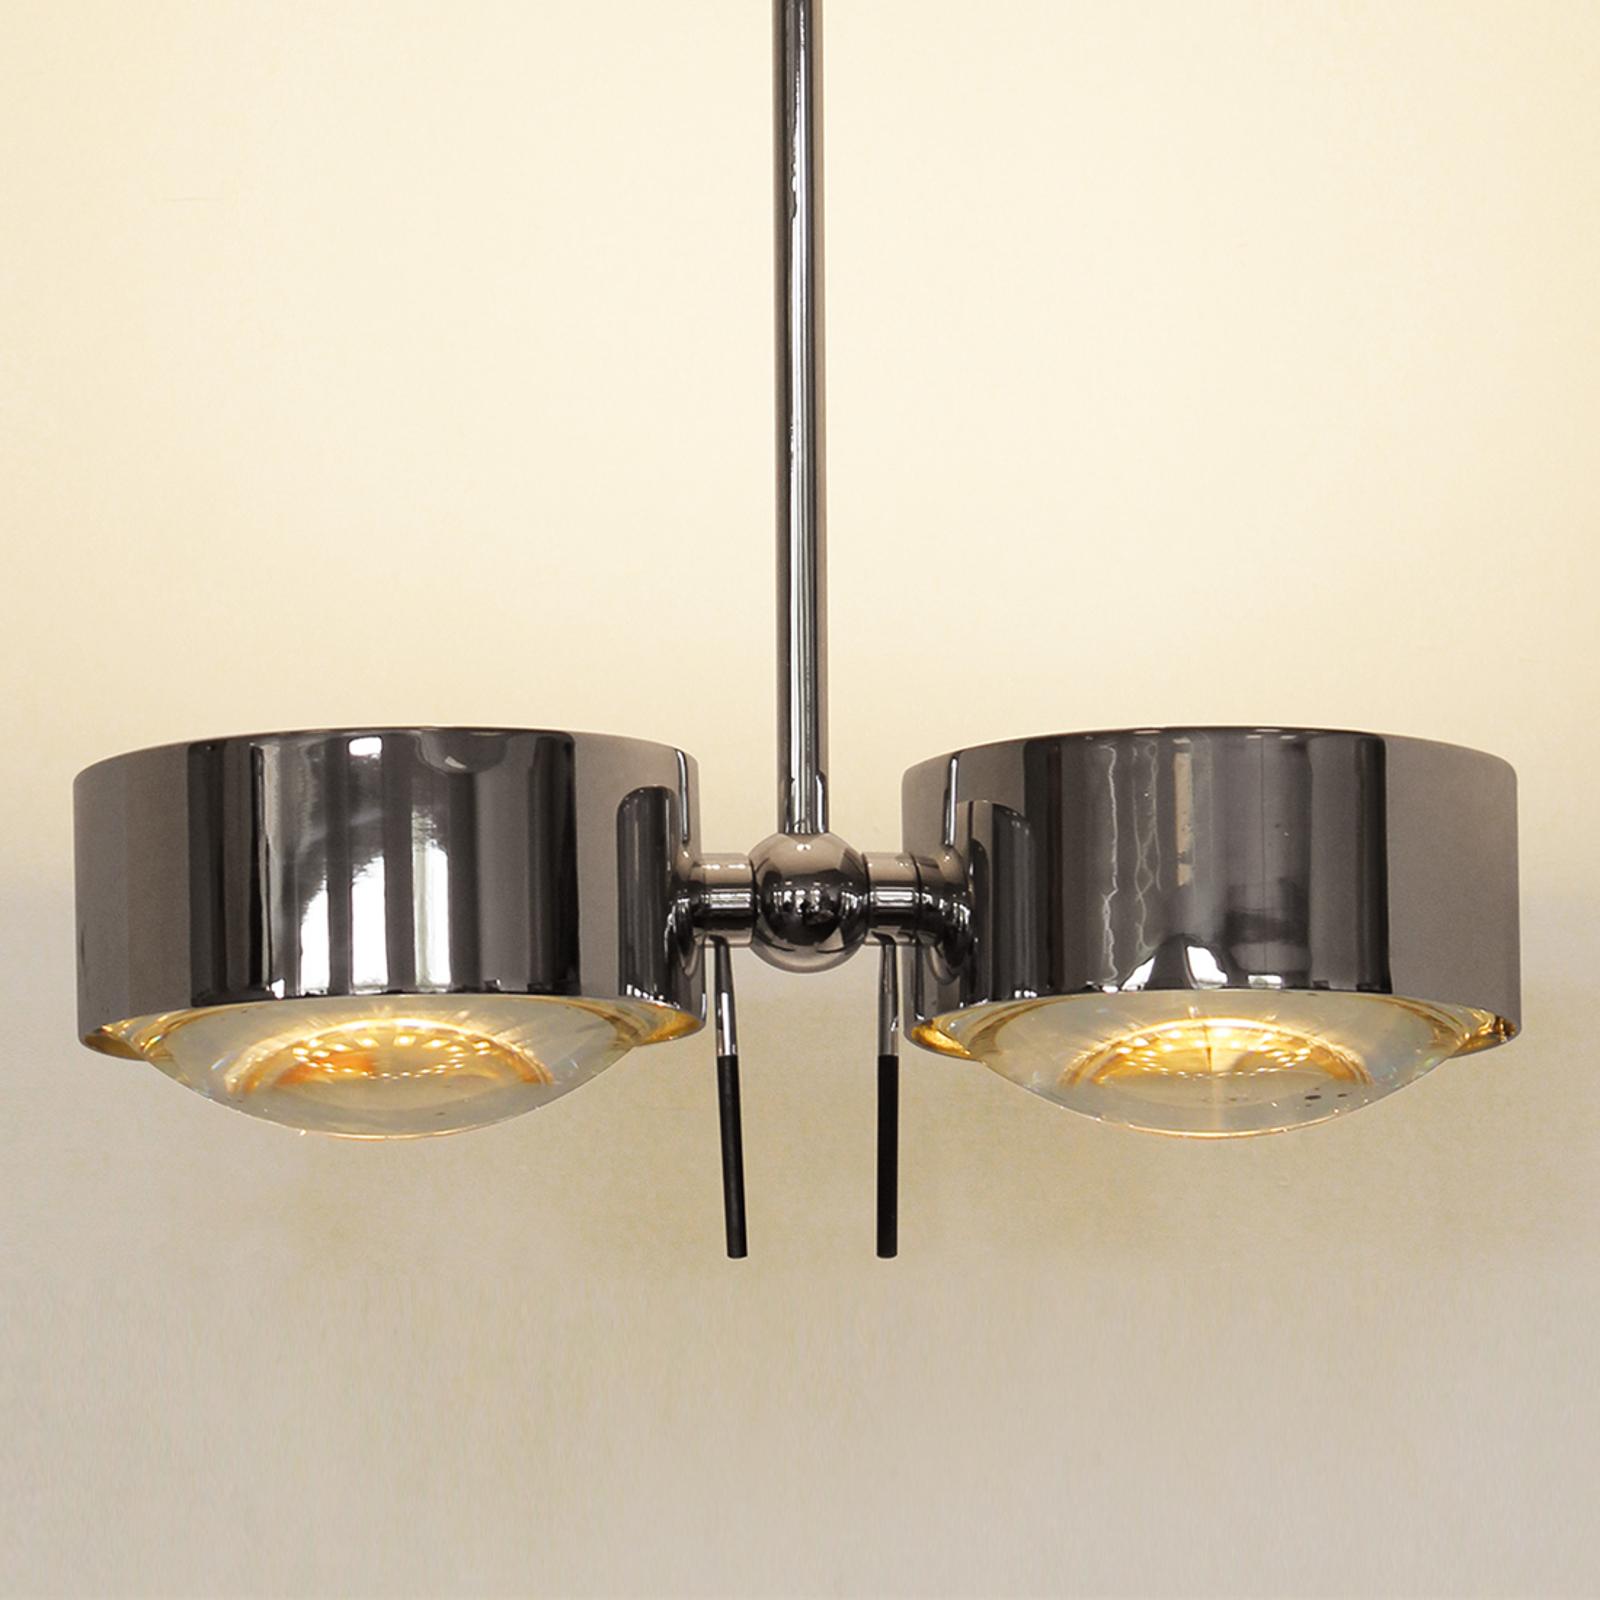 2-lamppuinen kattovalaisin PUK SIDES, kromi, 30 cm